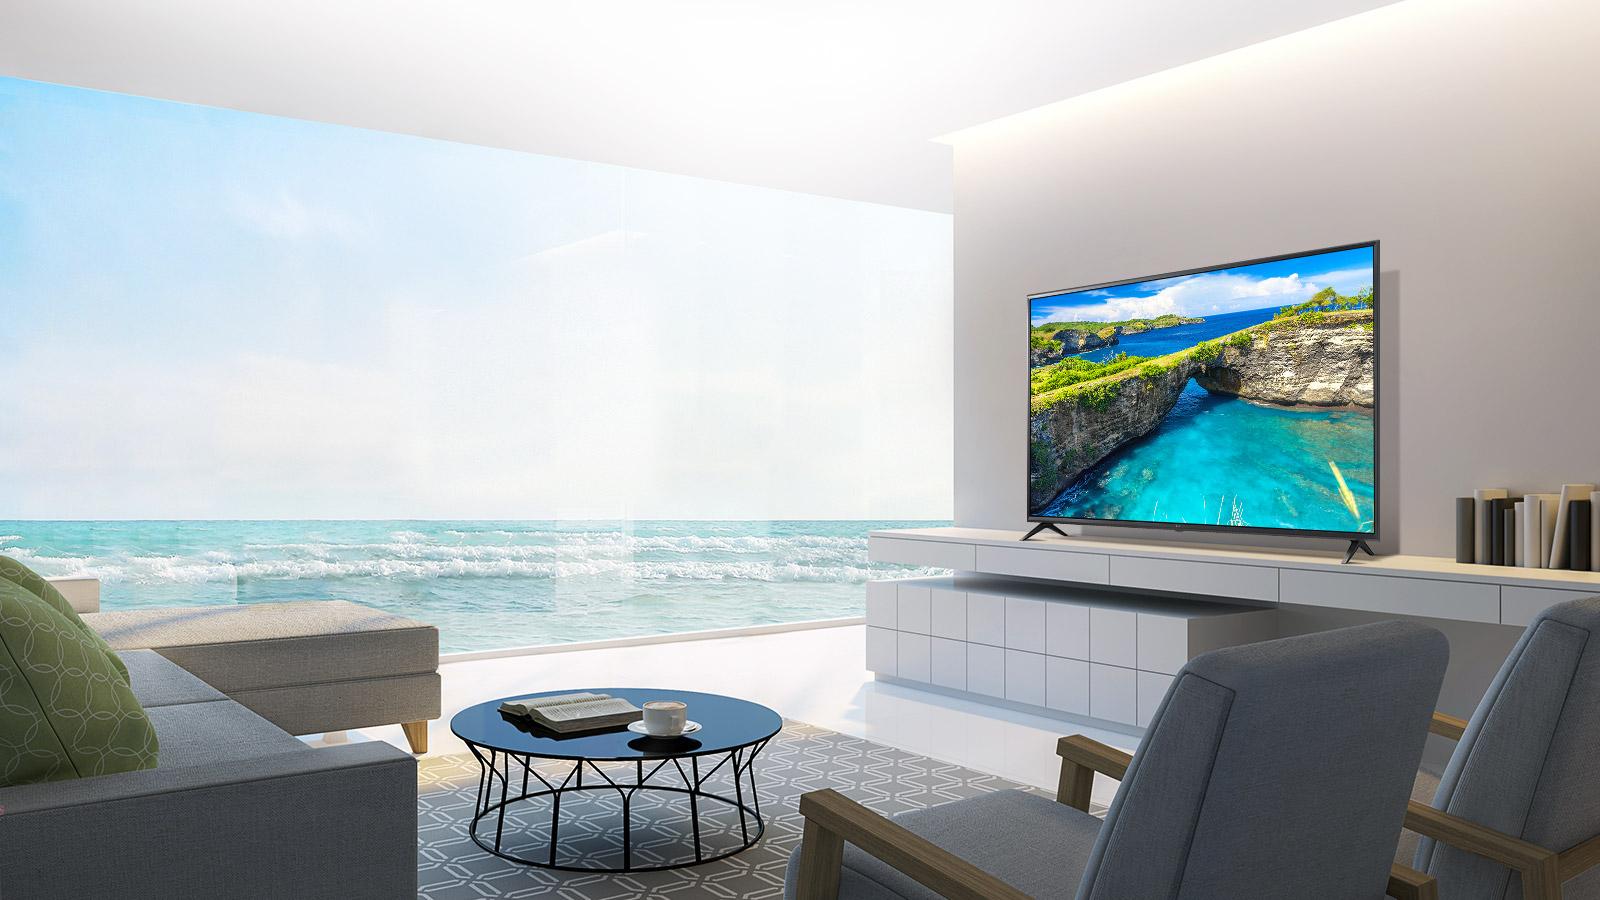 قیمت تلویزیون سونی مدل 49uk6300 از بانه